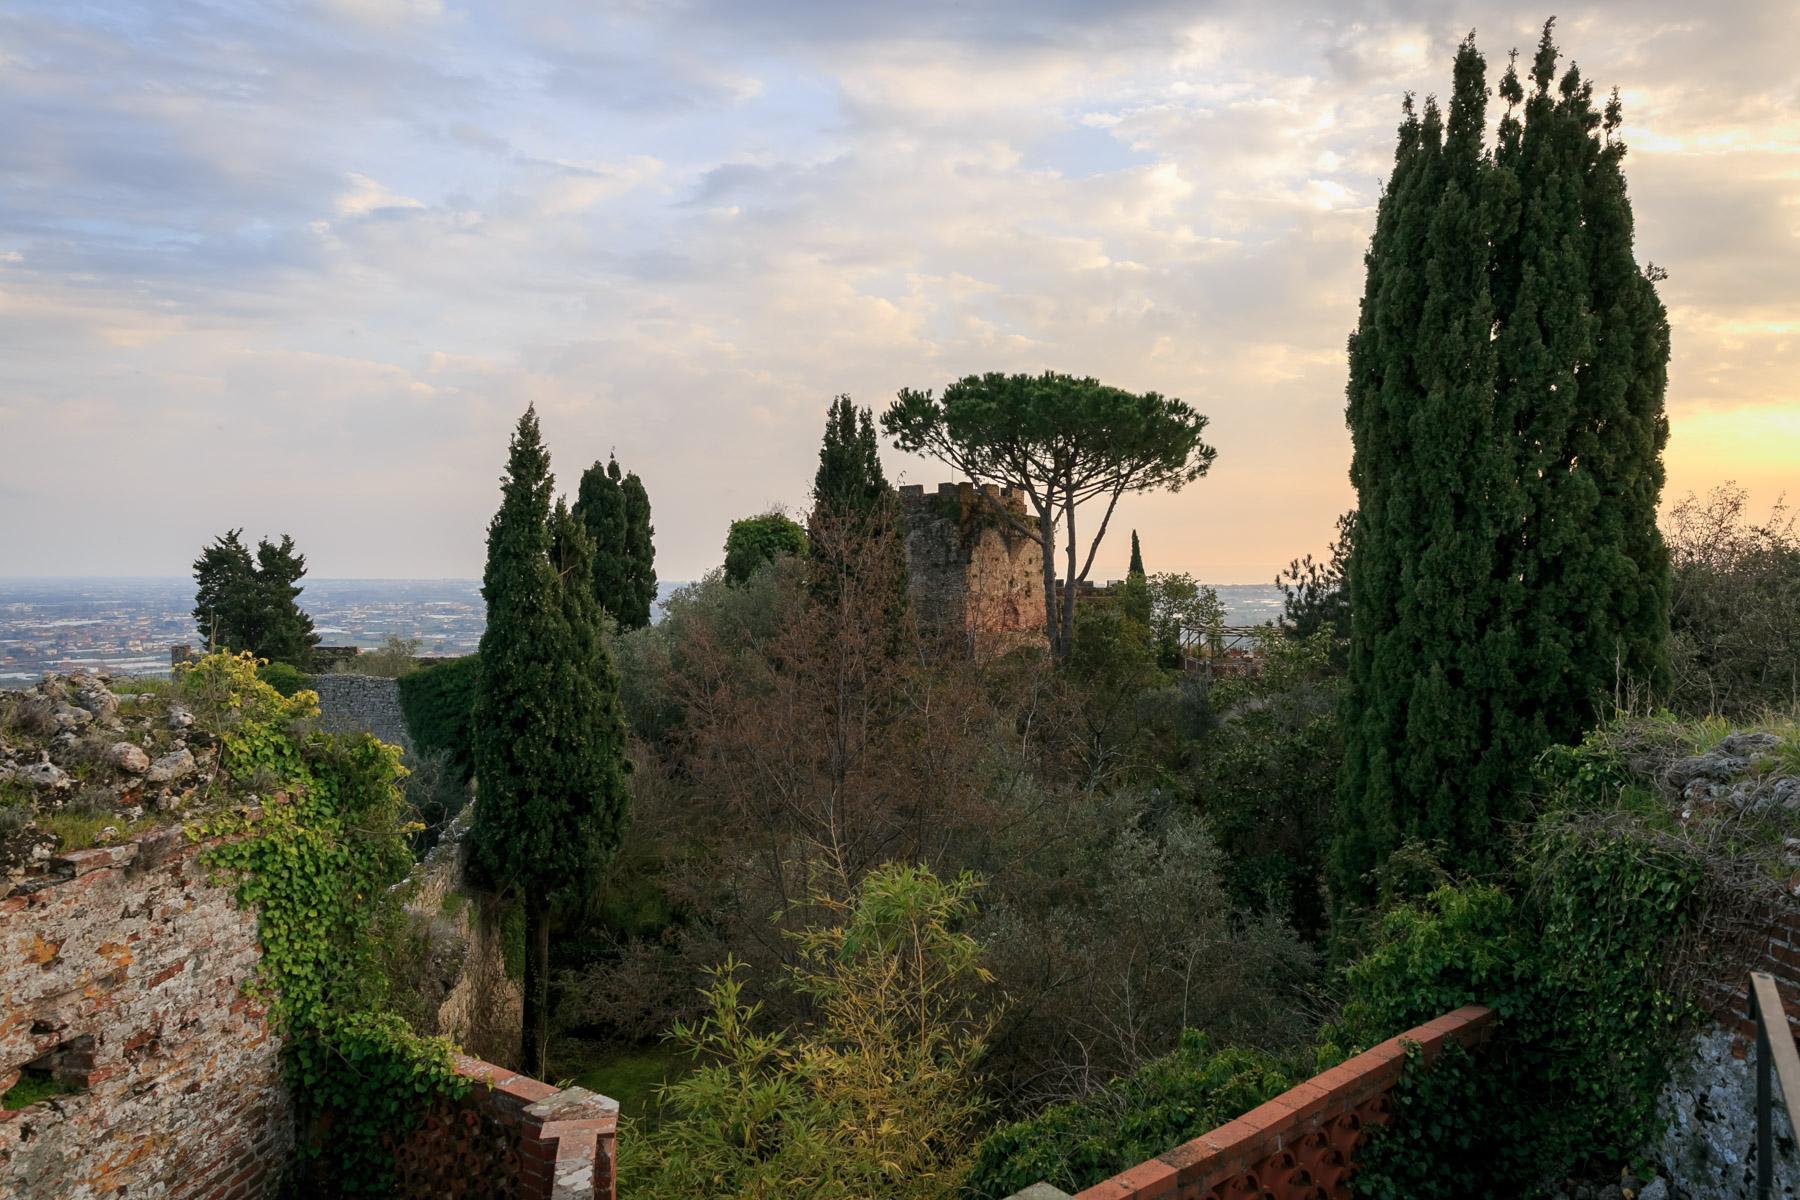 Magnifique château dans les collines de la Versilia - 30